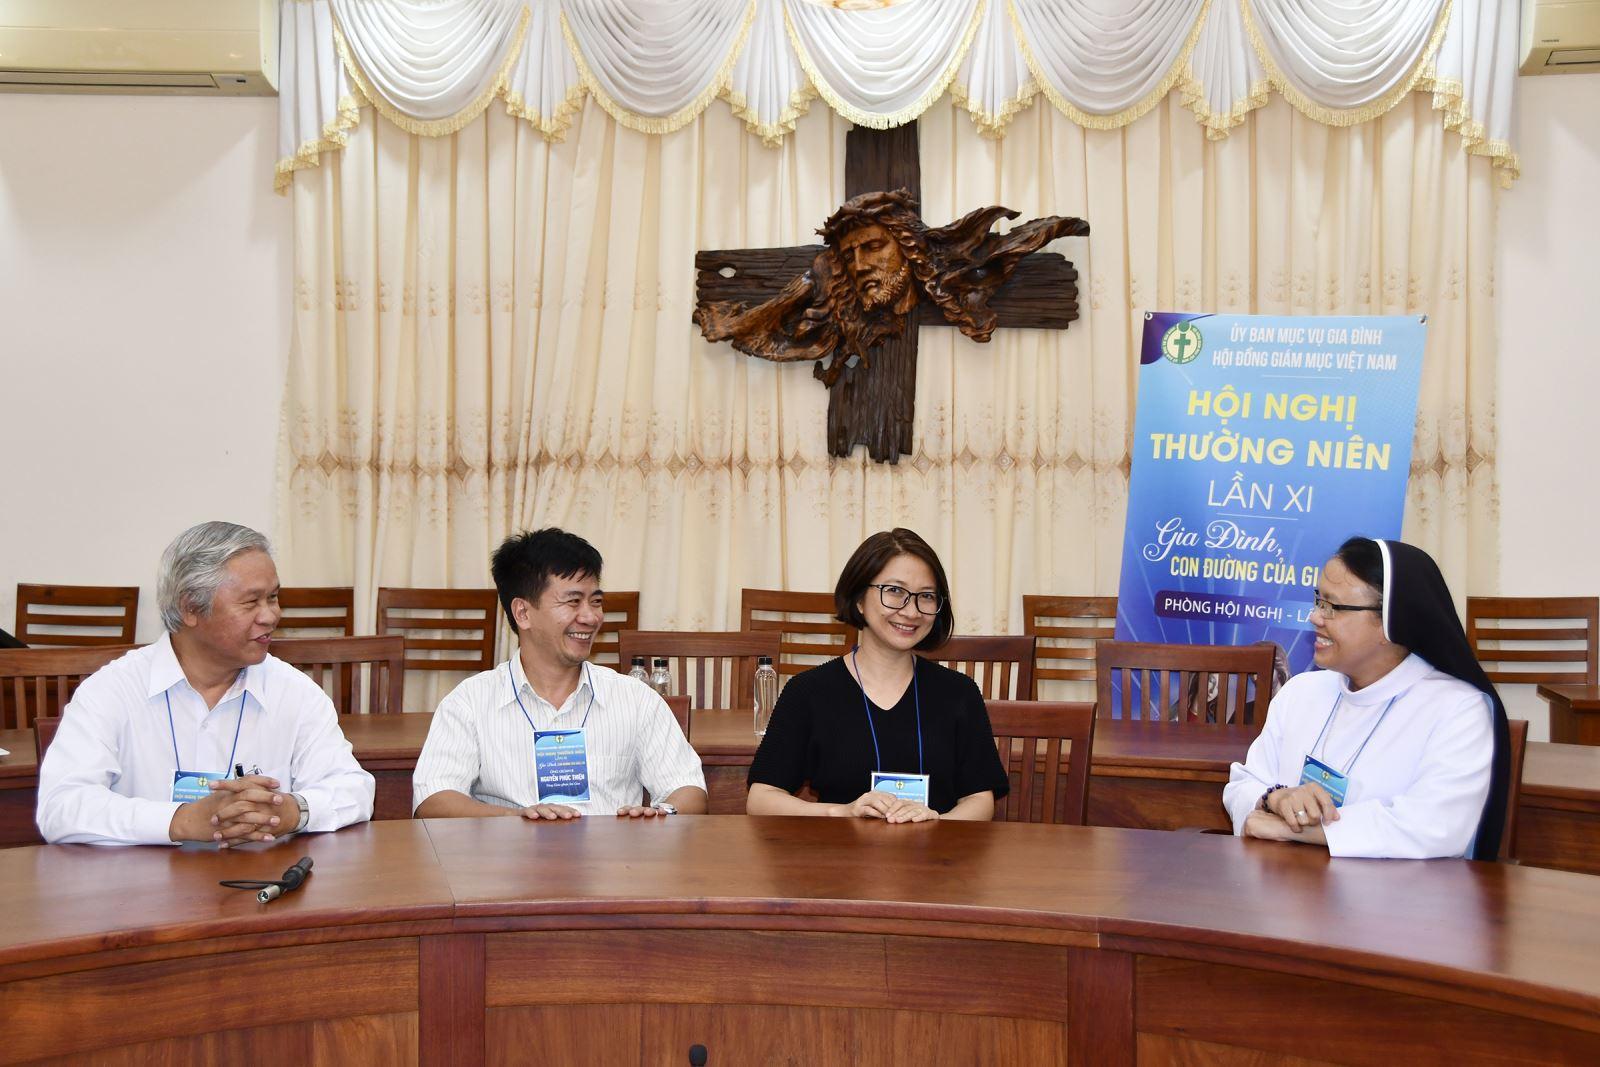 Gặp gỡ với các Anh Chị Giáo dân là Khách mời và Đại biểu của HNTN Lần XI của UBMVGĐ